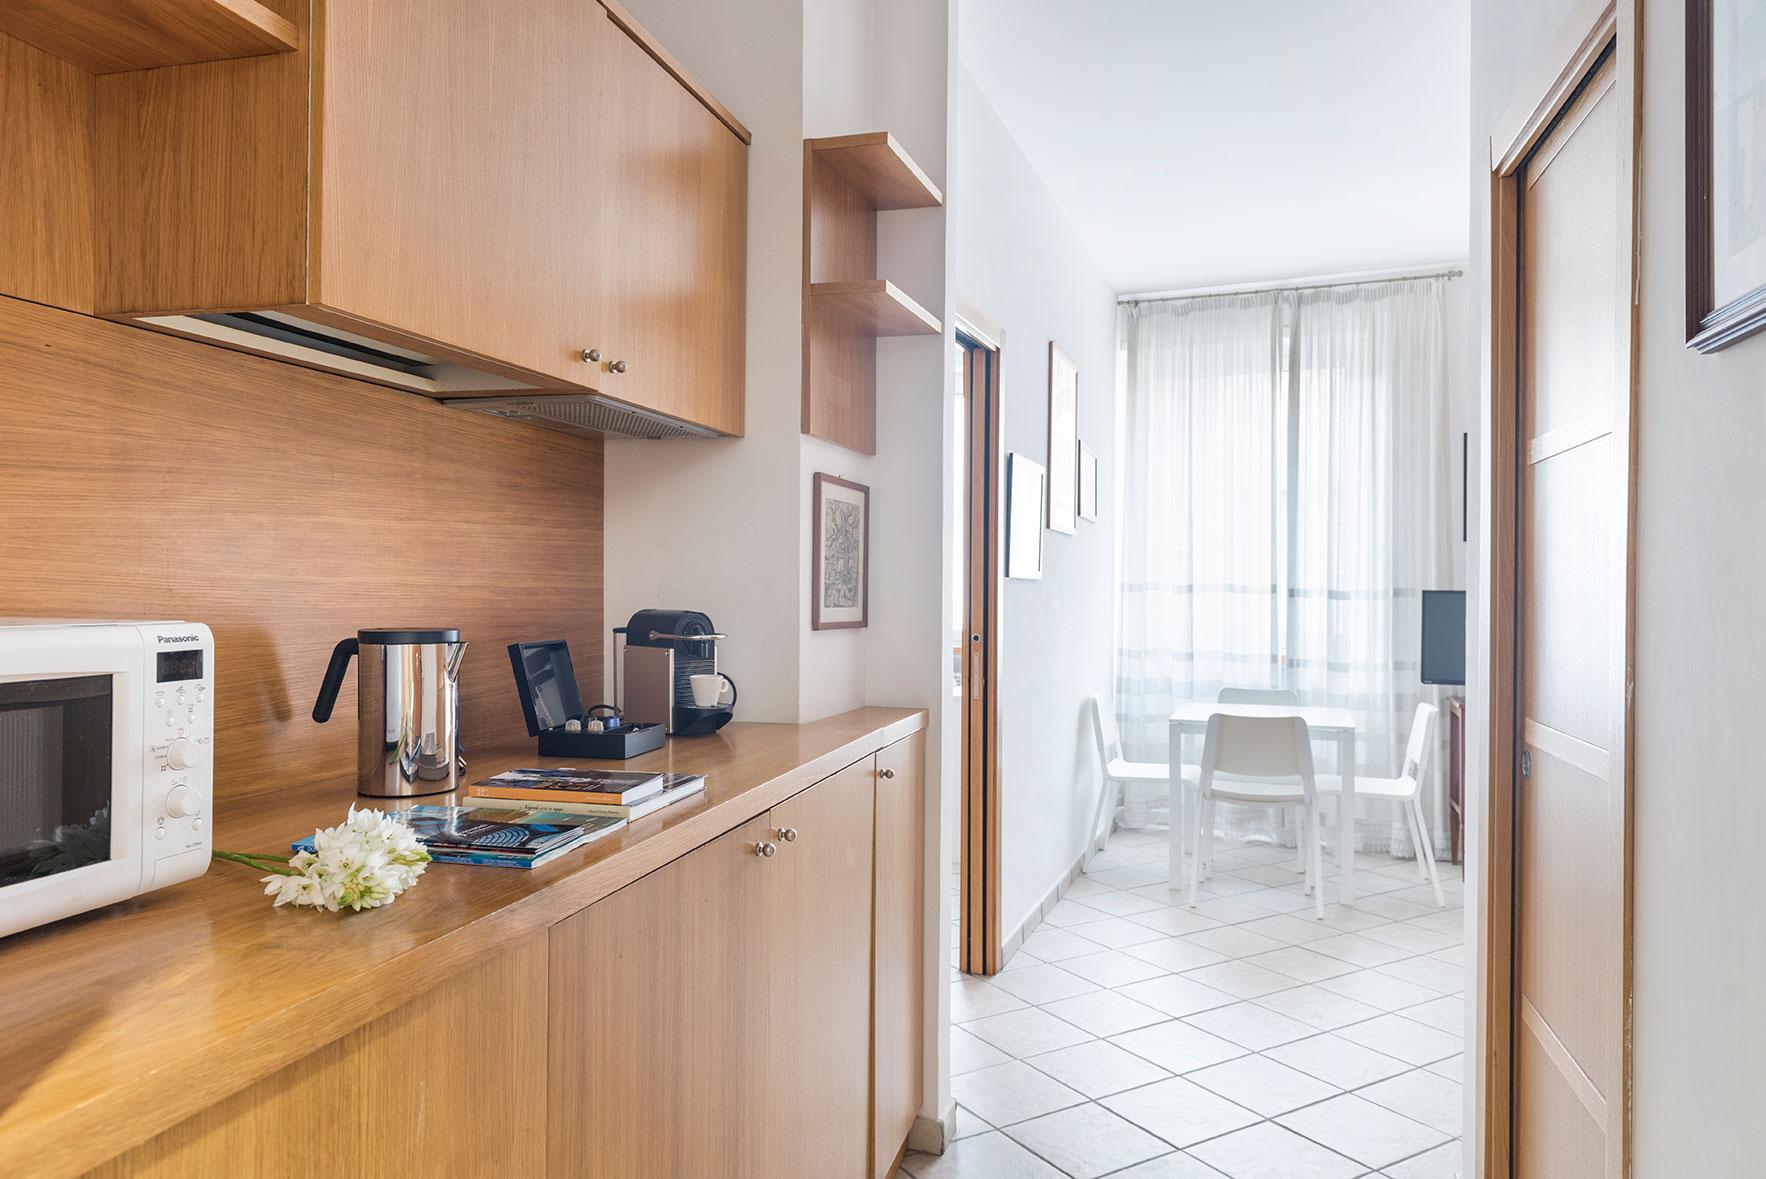 appartamento-classic-fiorentini-residence-napoli-3